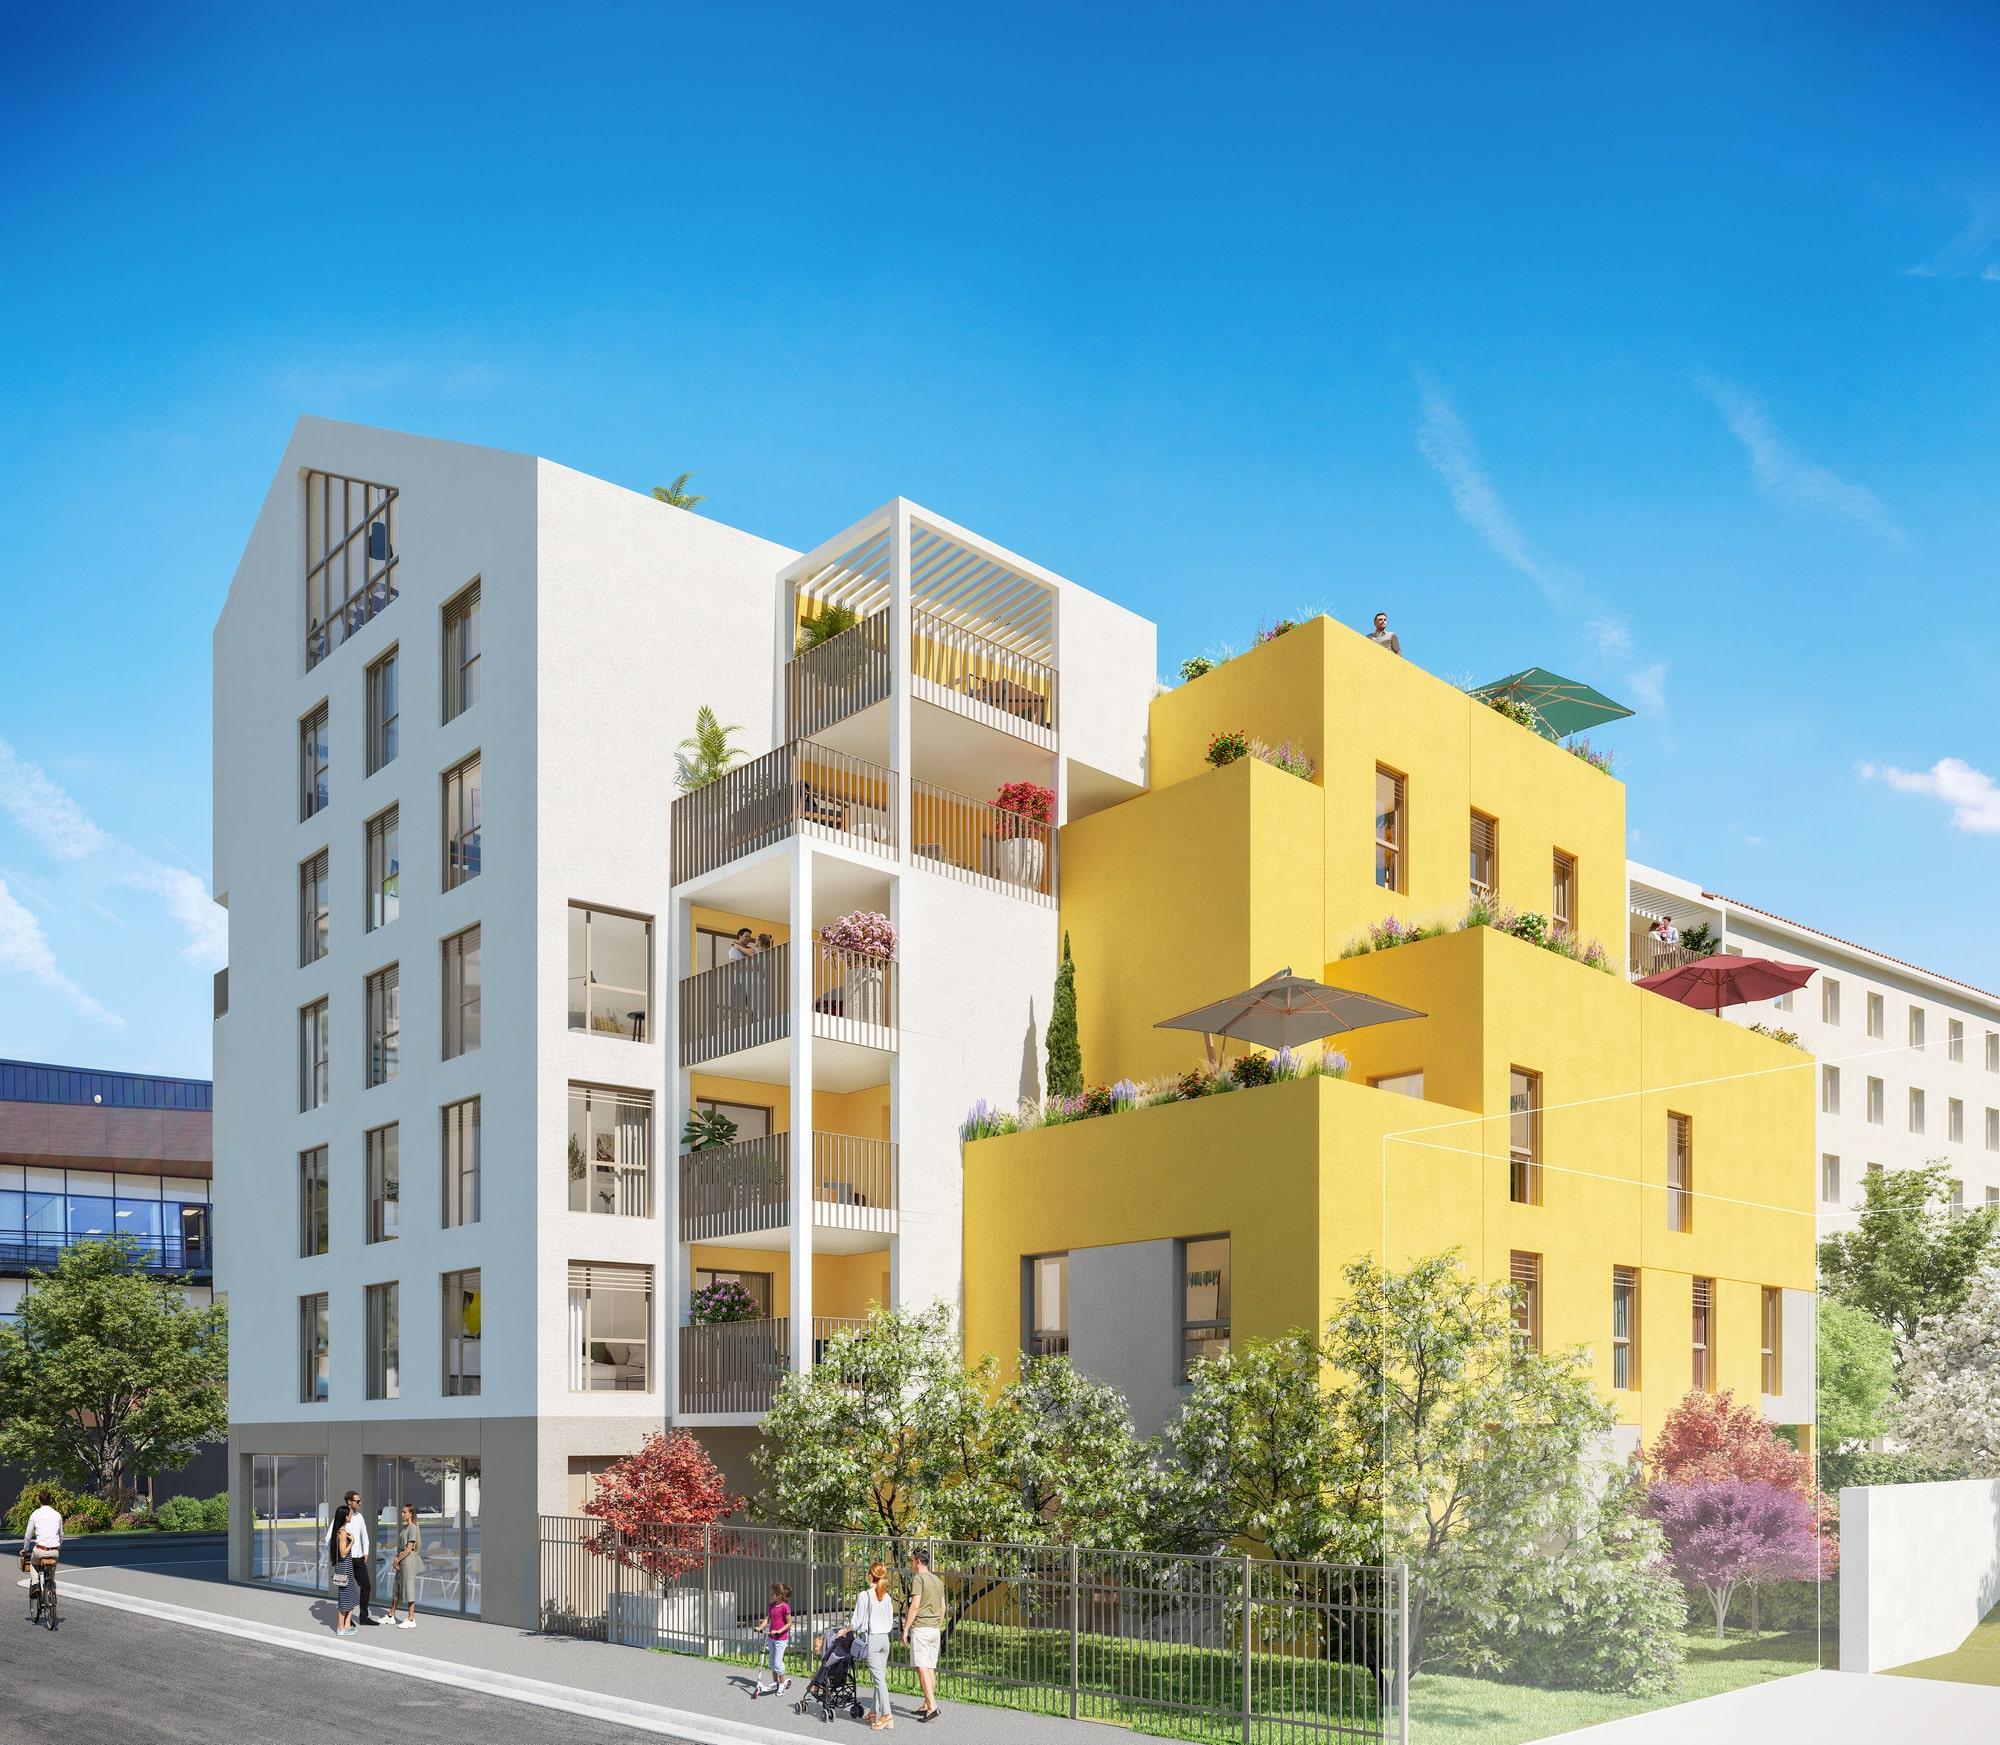 Programme immobilier ALT99 appartement à Villeurbanne (69100) Voisine du renommé Campus de La Doua